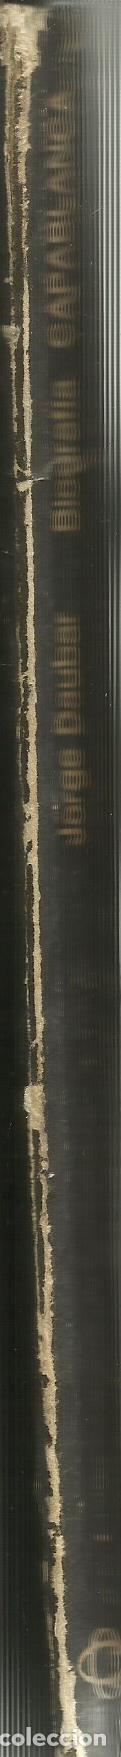 Libros de segunda mano: CAPABLANCA. JORGE DAUBAR. EDITORIAL CIENTÍFICO-TÉCNICA. LA HABANA. 1990 - Foto 2 - 64659431